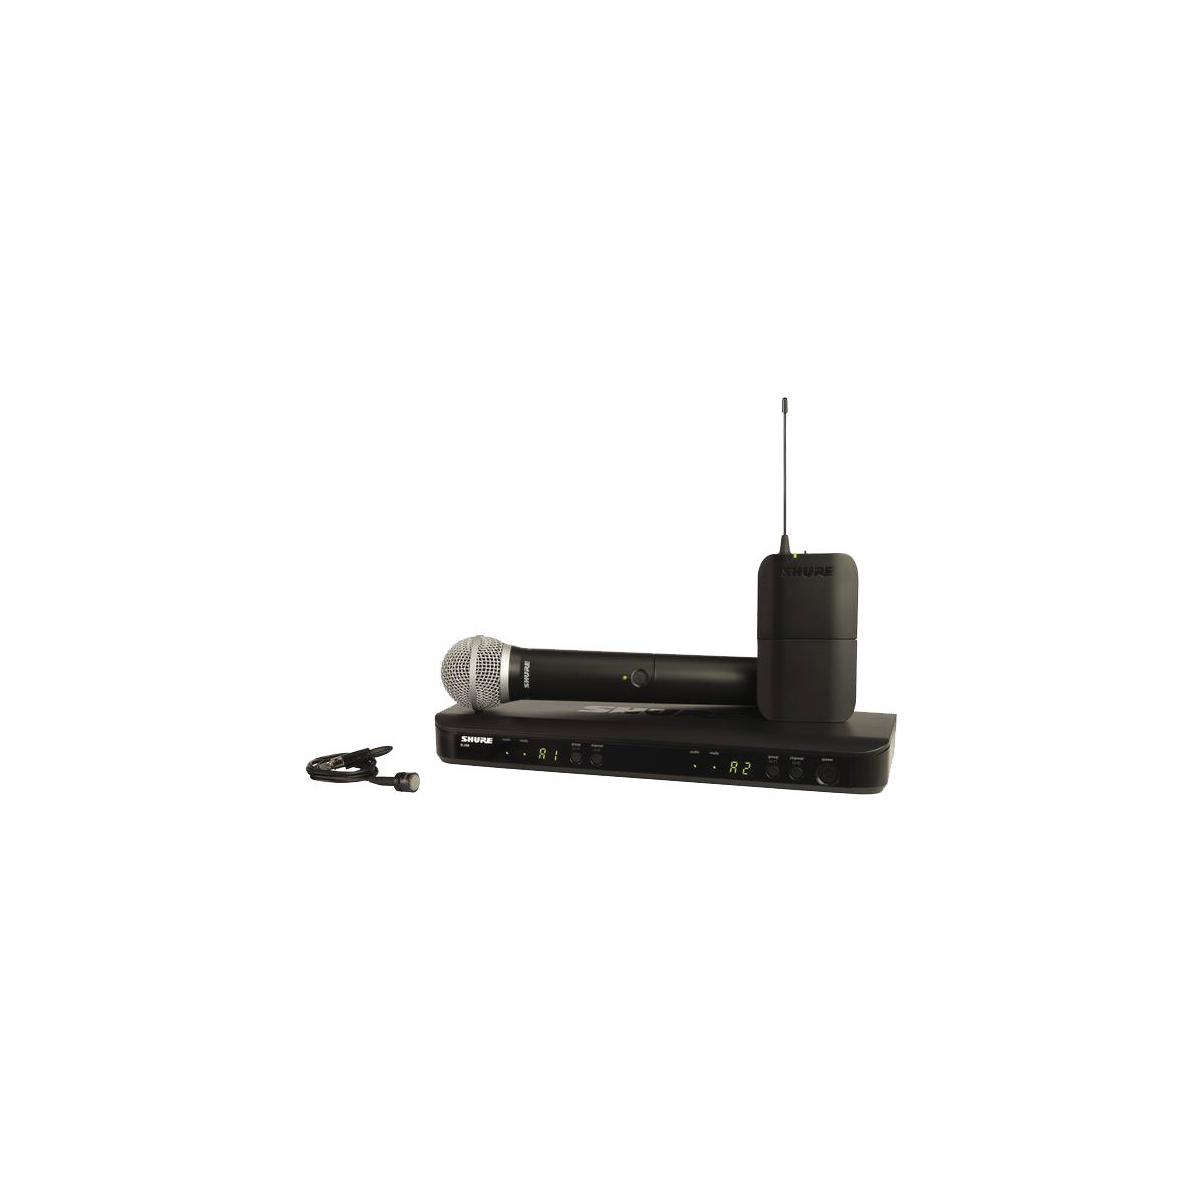 Micros chant sans fil - Shure - BLX1288-W85-M17